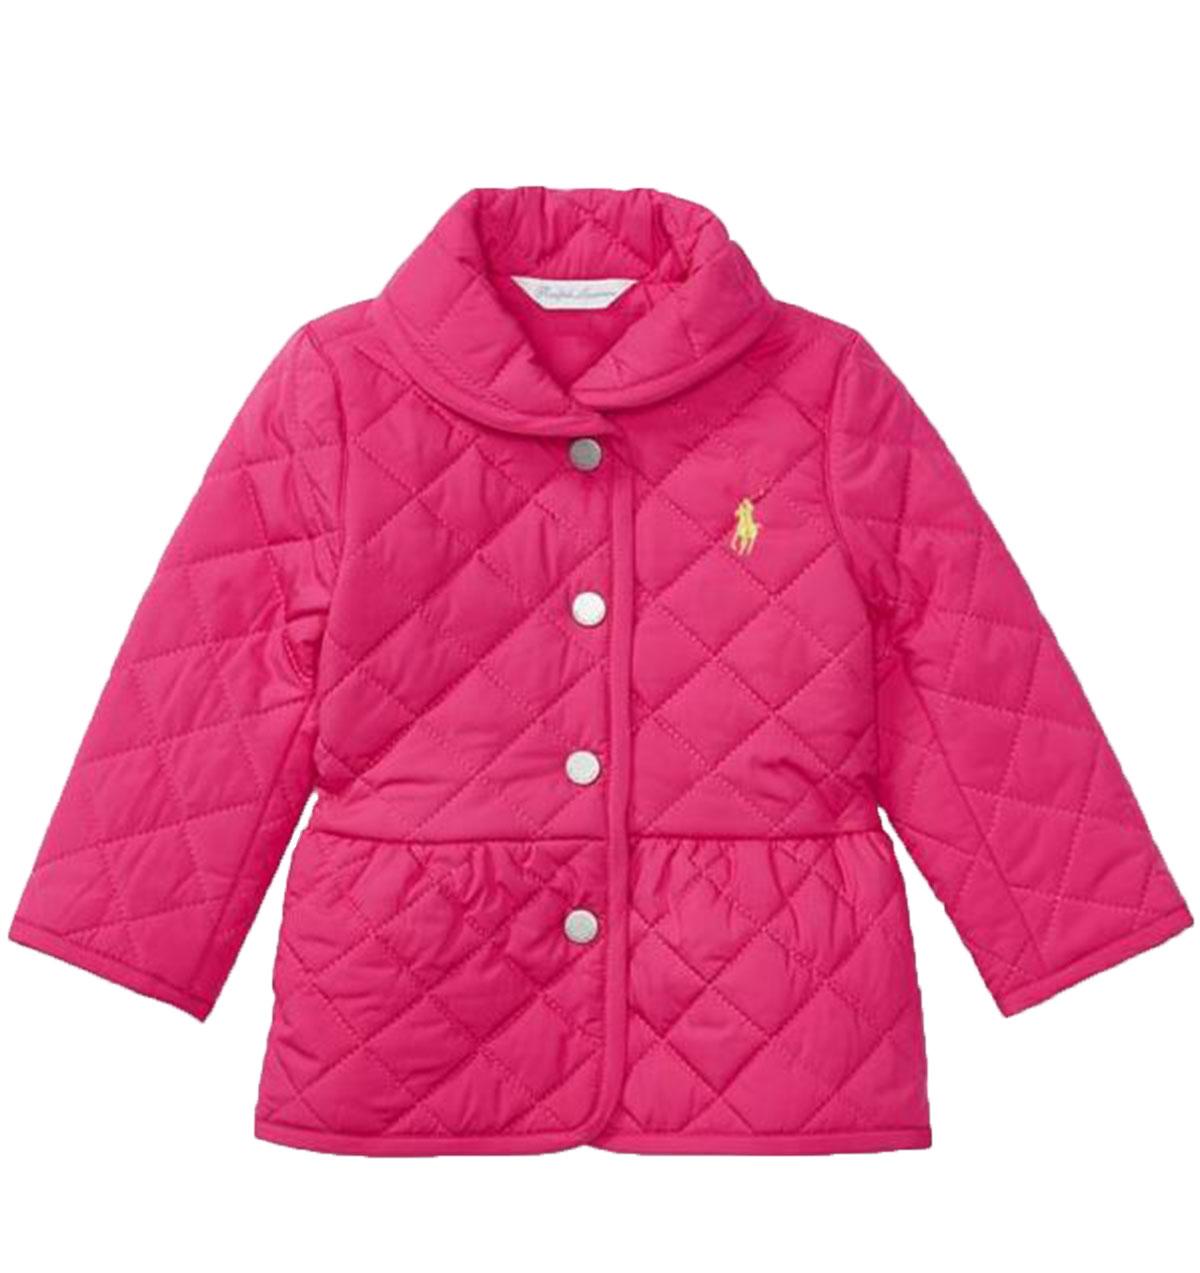 【ラルフローレン】キルテッド バーン ジャケット(ピンク)<18-24カ月>